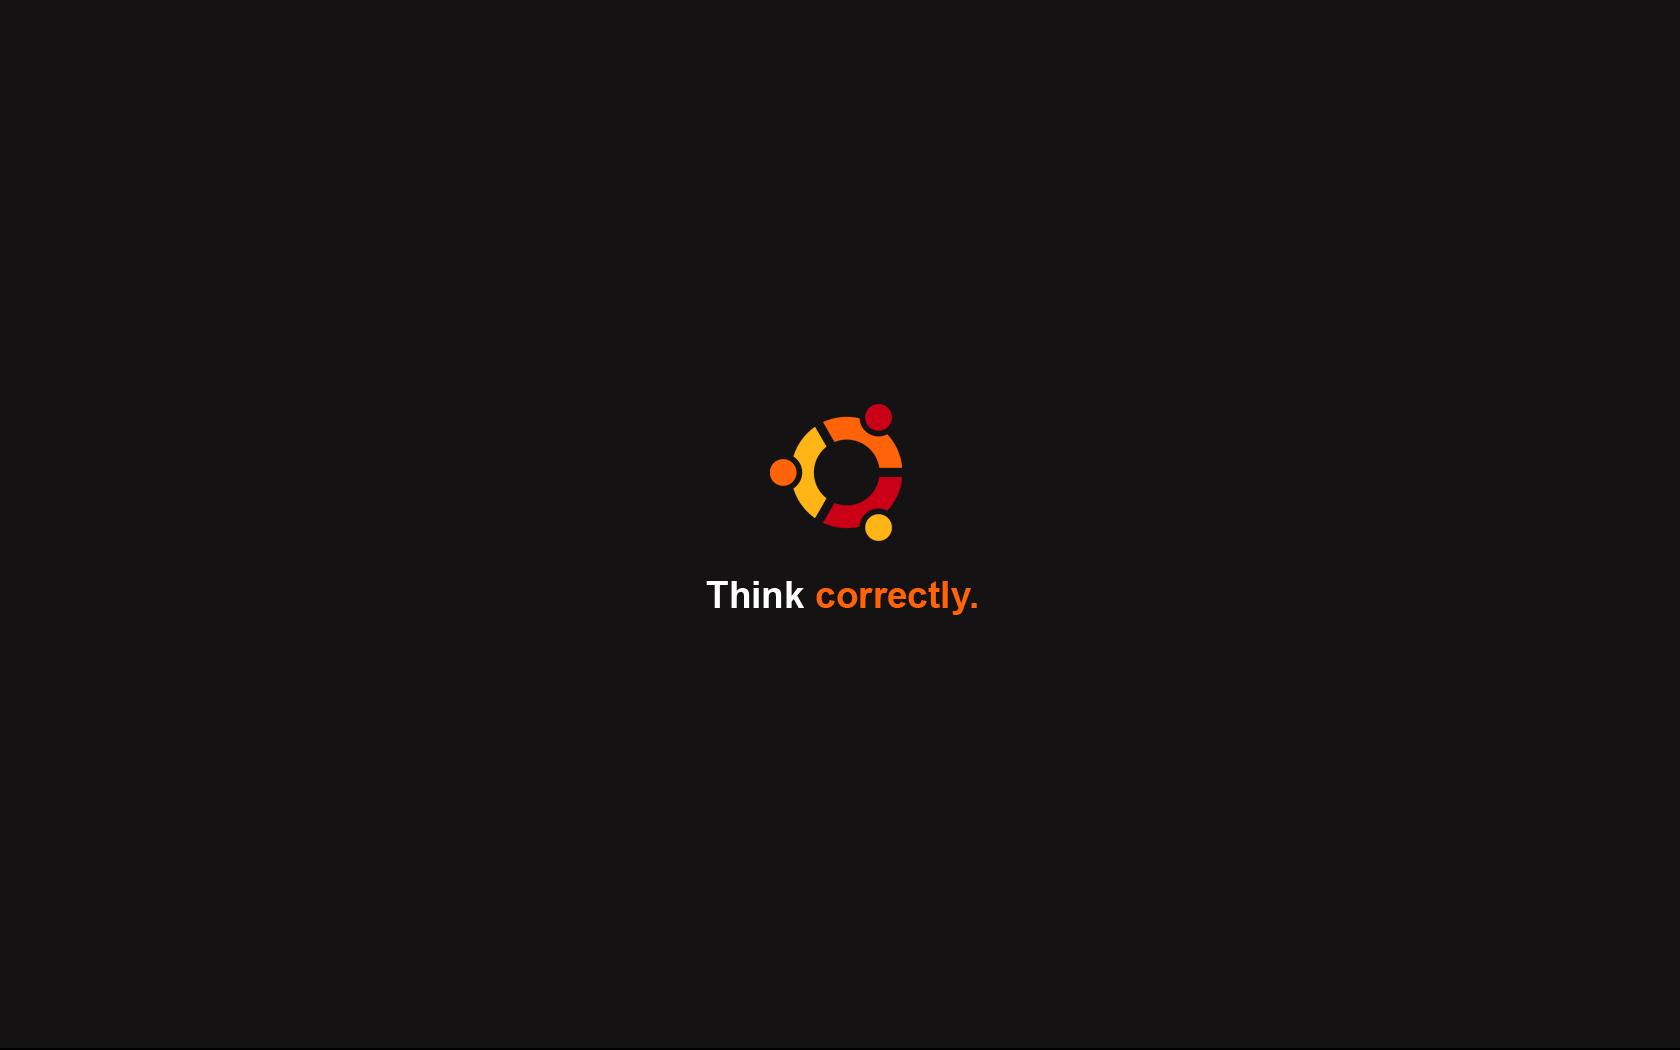 Linux Ubuntu - 1680x1050